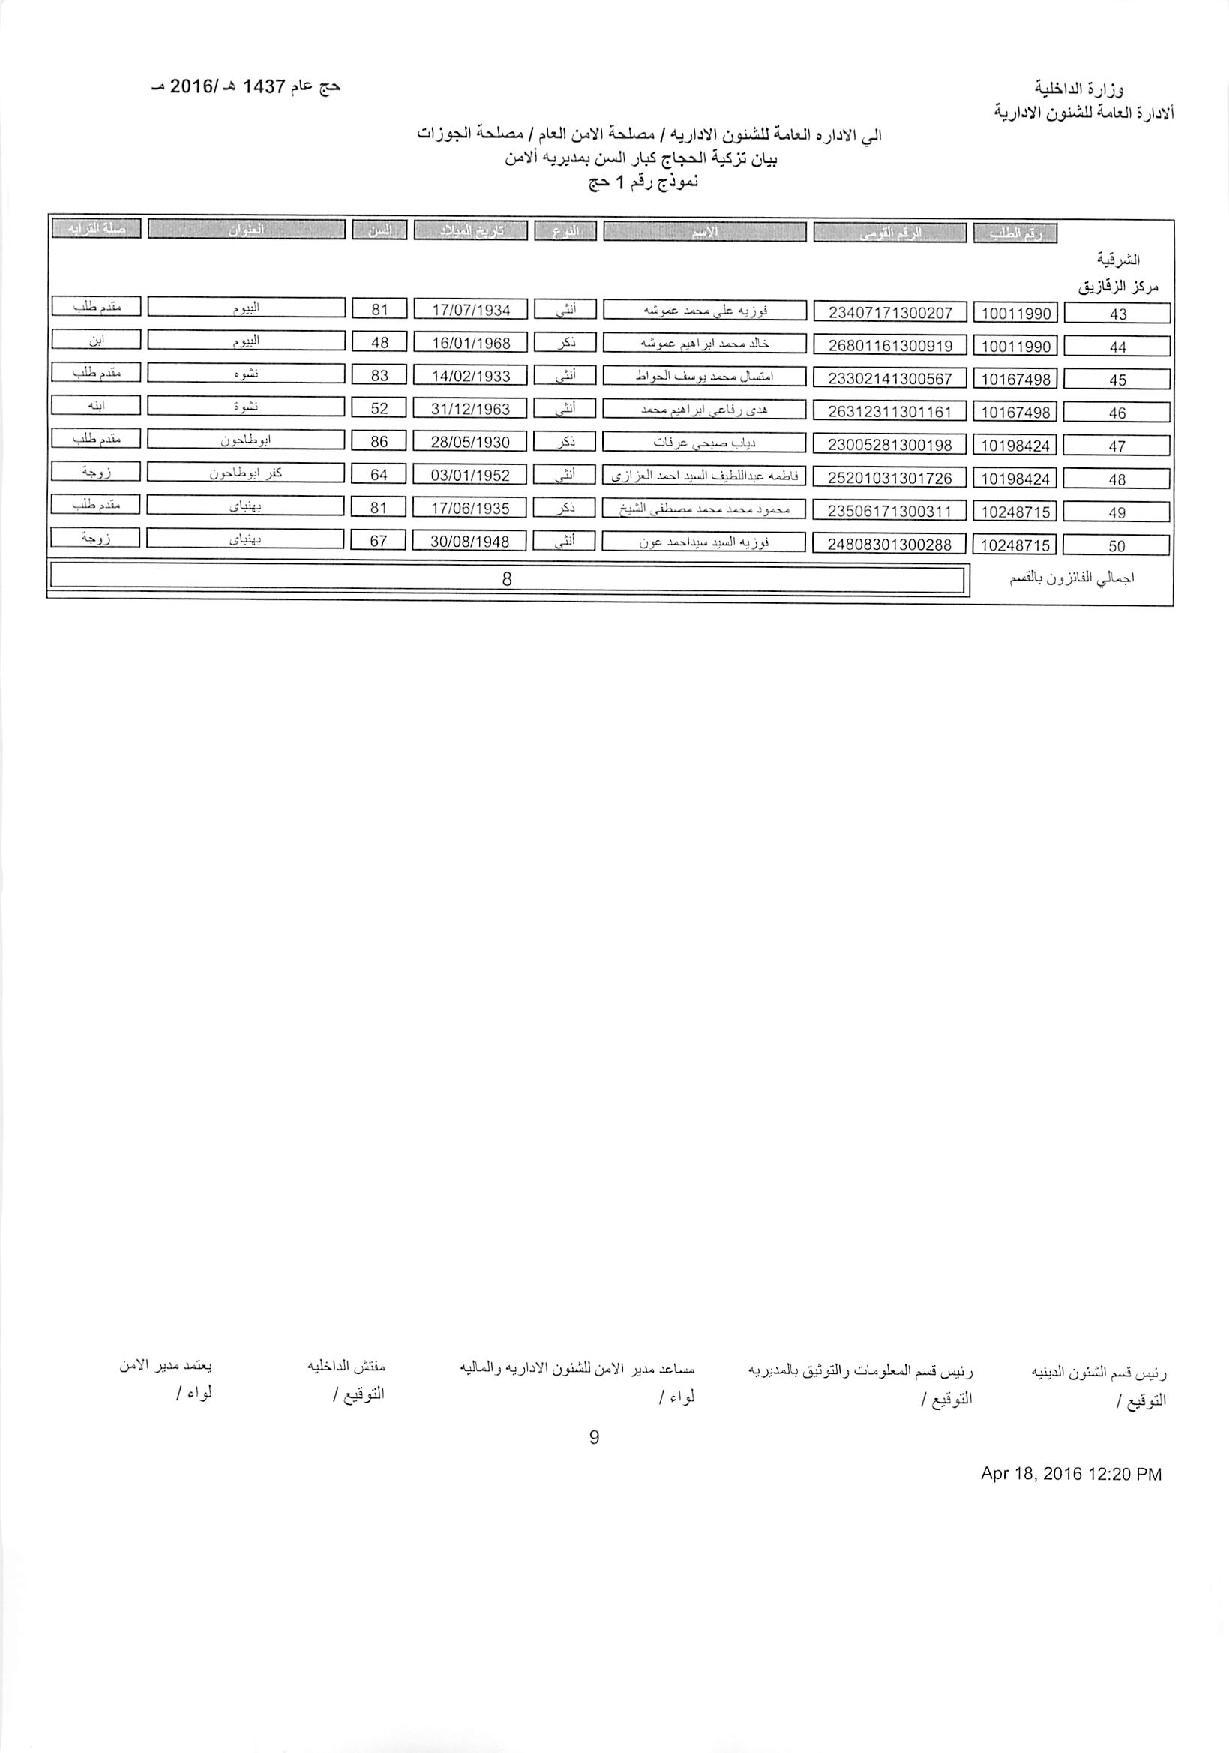 اسماء الحجاج الفائزون بالقرعة لعام 1437هـ 2016م (11)